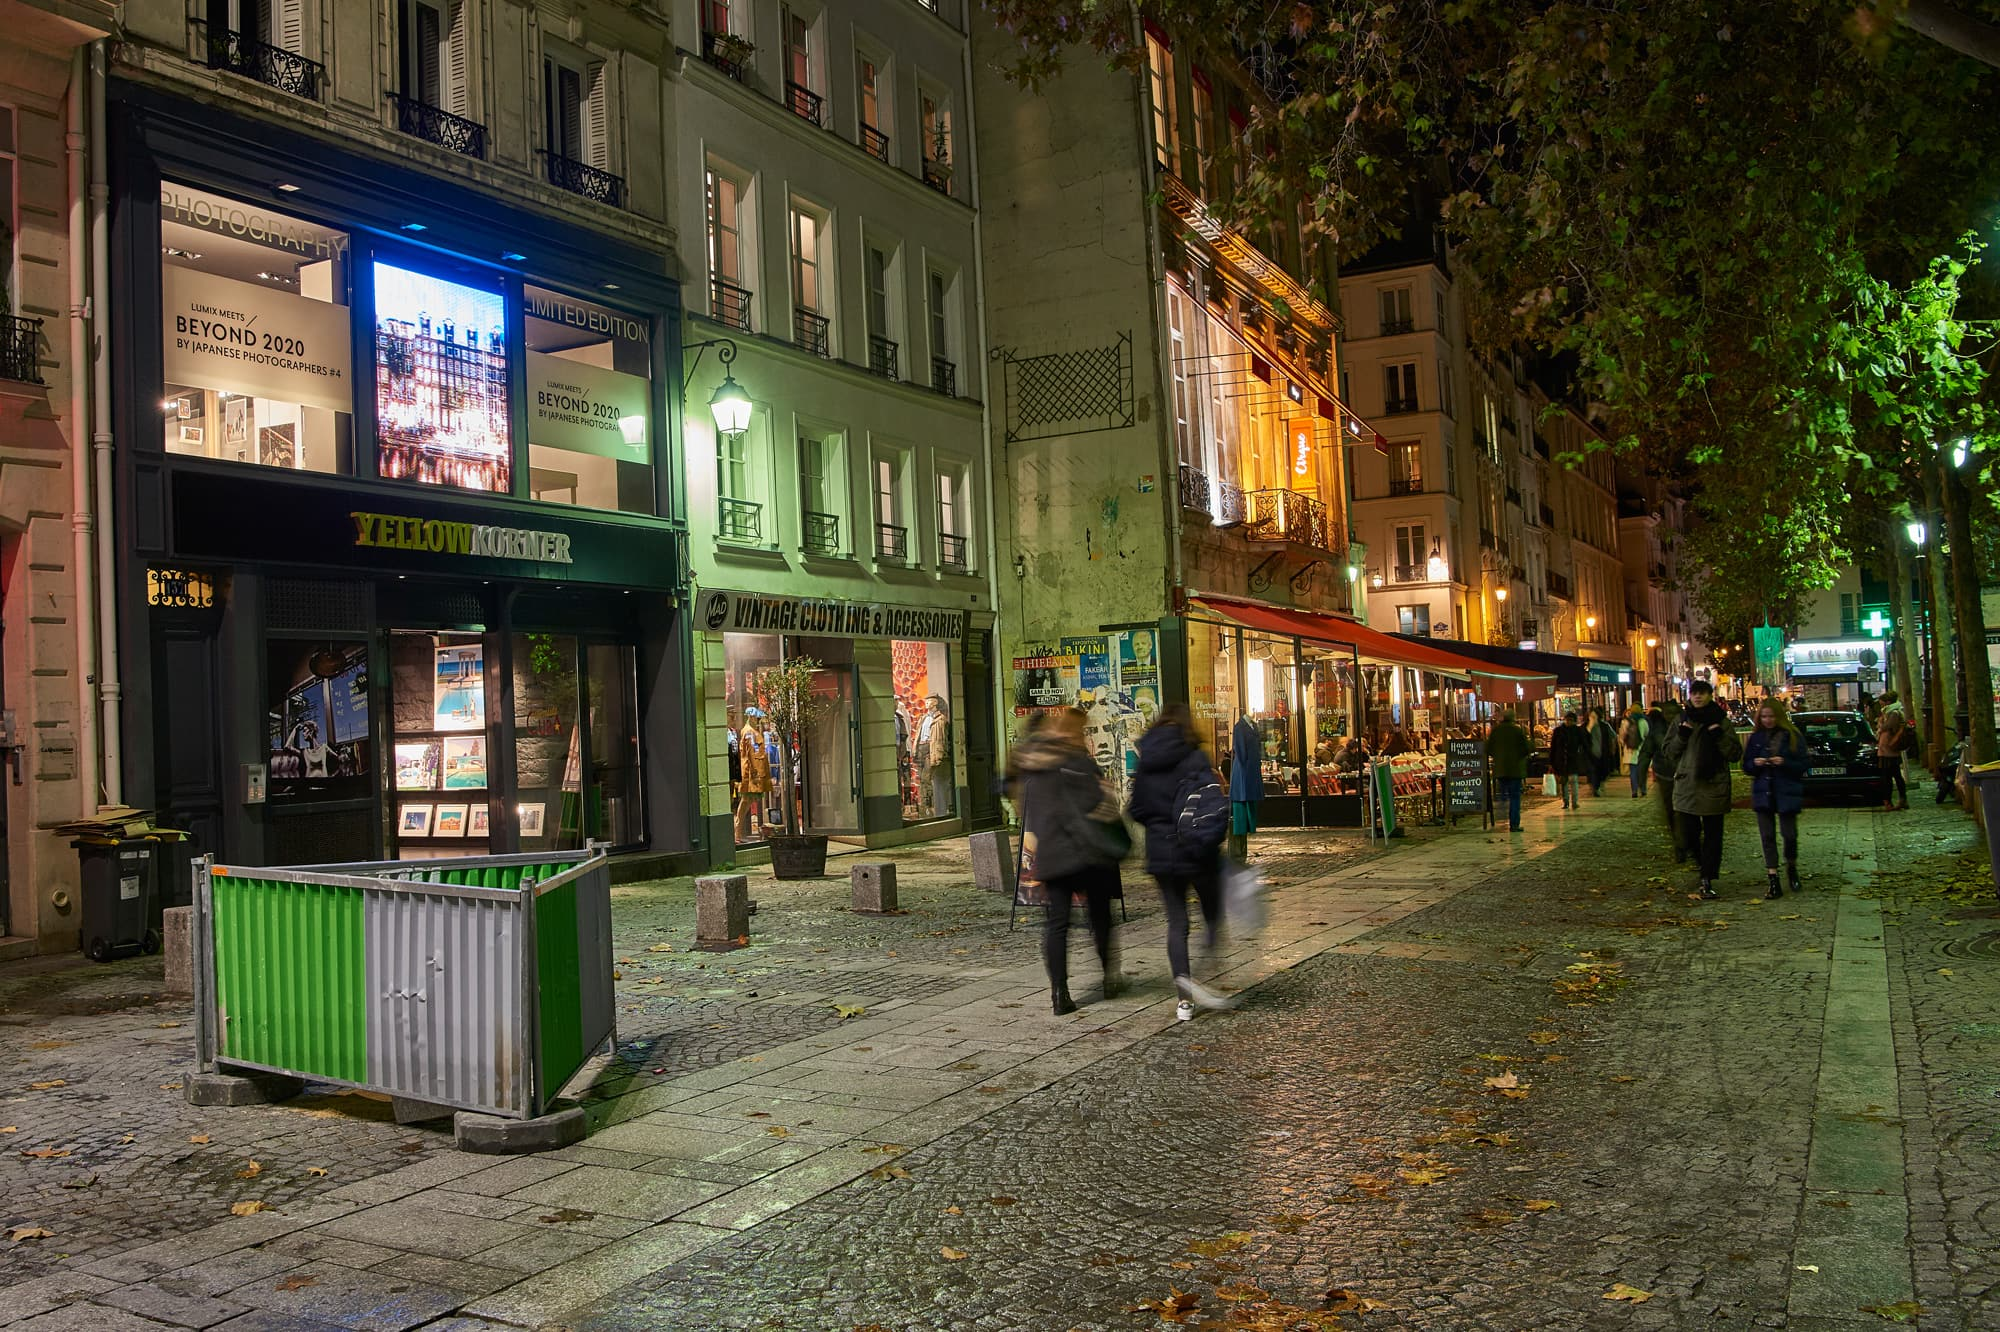 11月、写真の街パリを賑わしたパリフォトとサテライトイベントを探索! | パリフォト